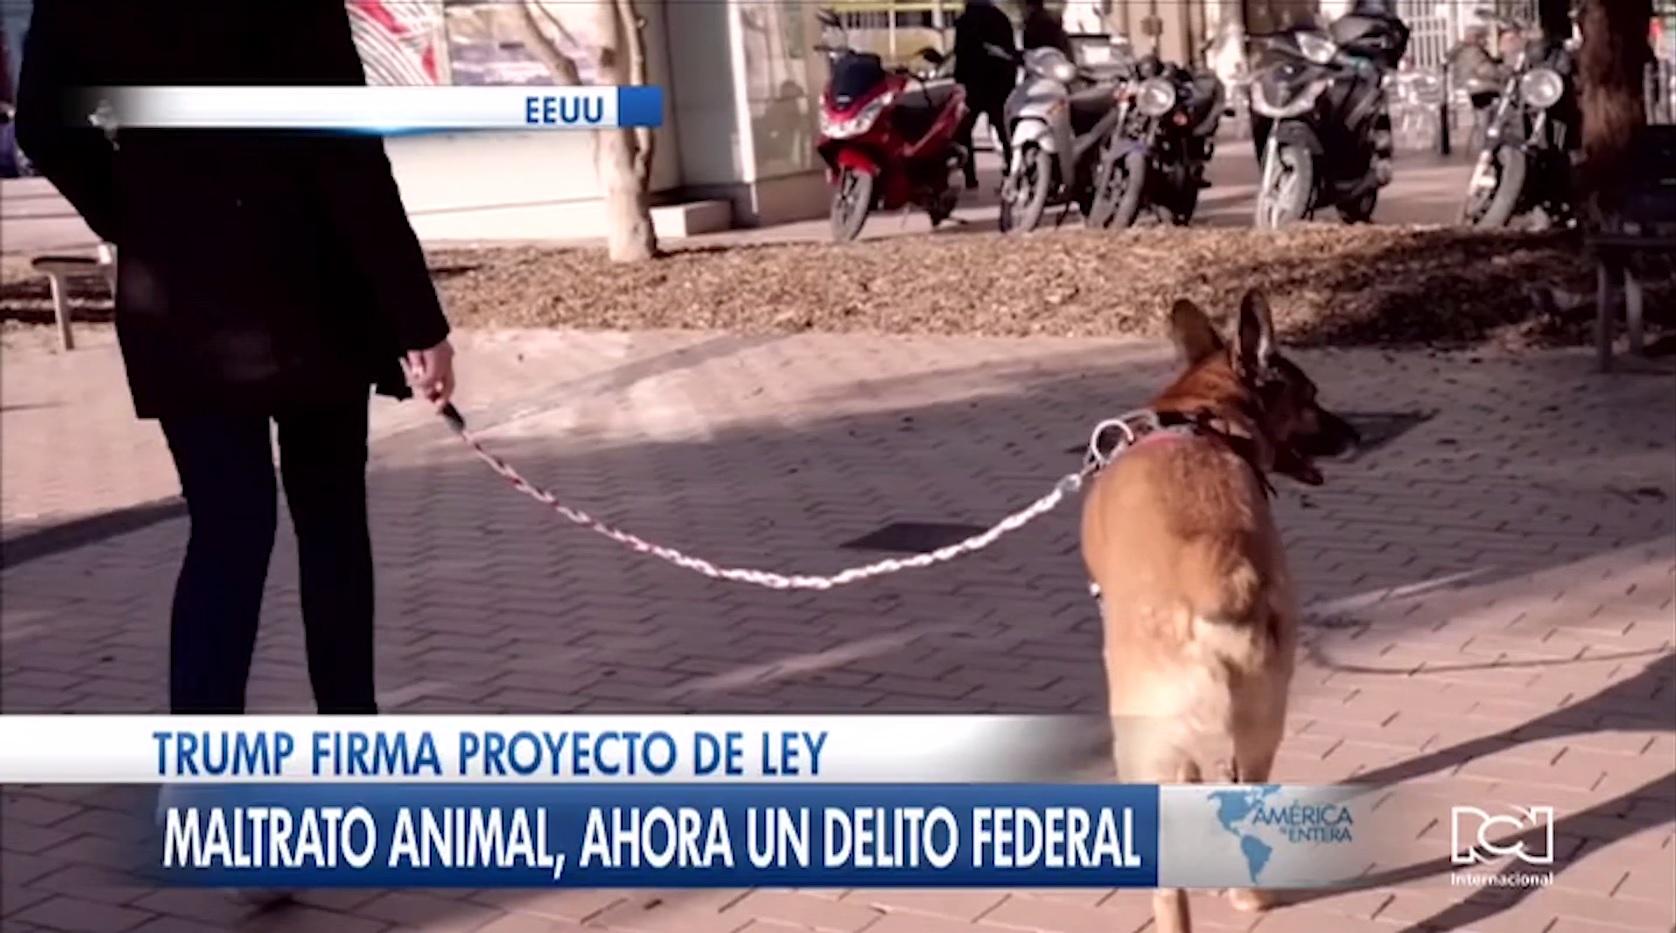 El maltrato animal ahora es un delito federal en Estados Unidos